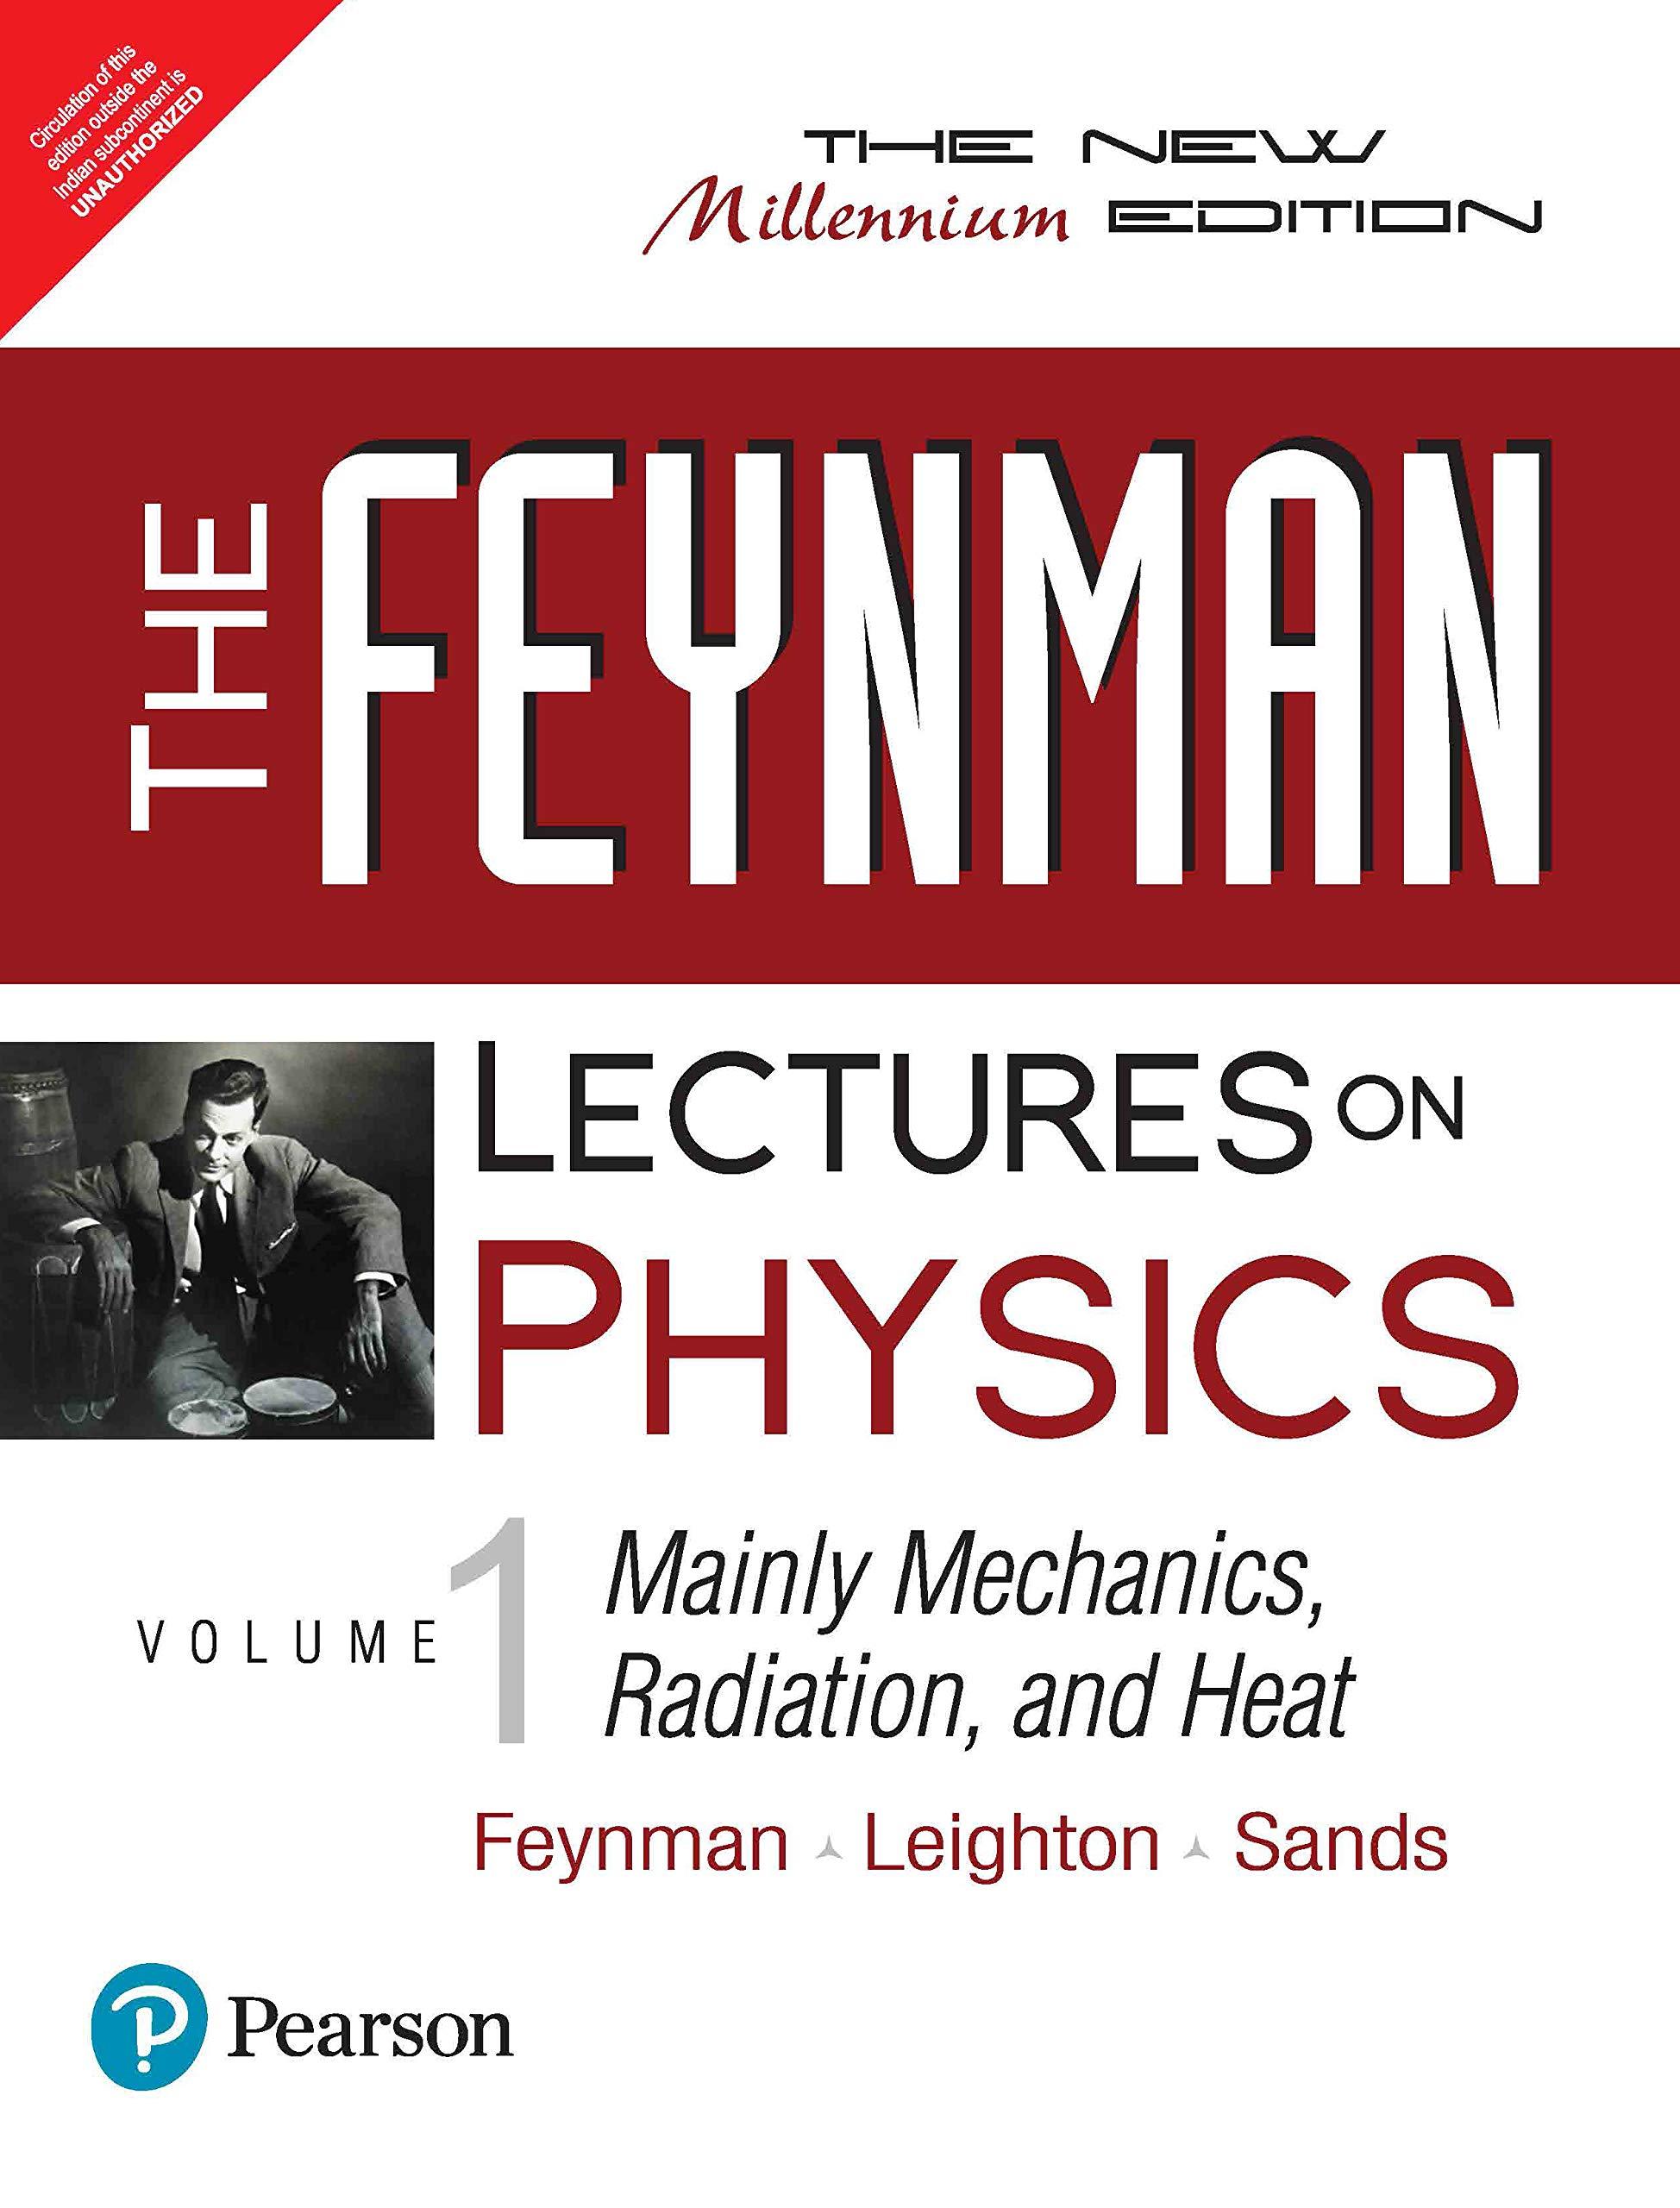 Feynman Lectures Pdf Drive